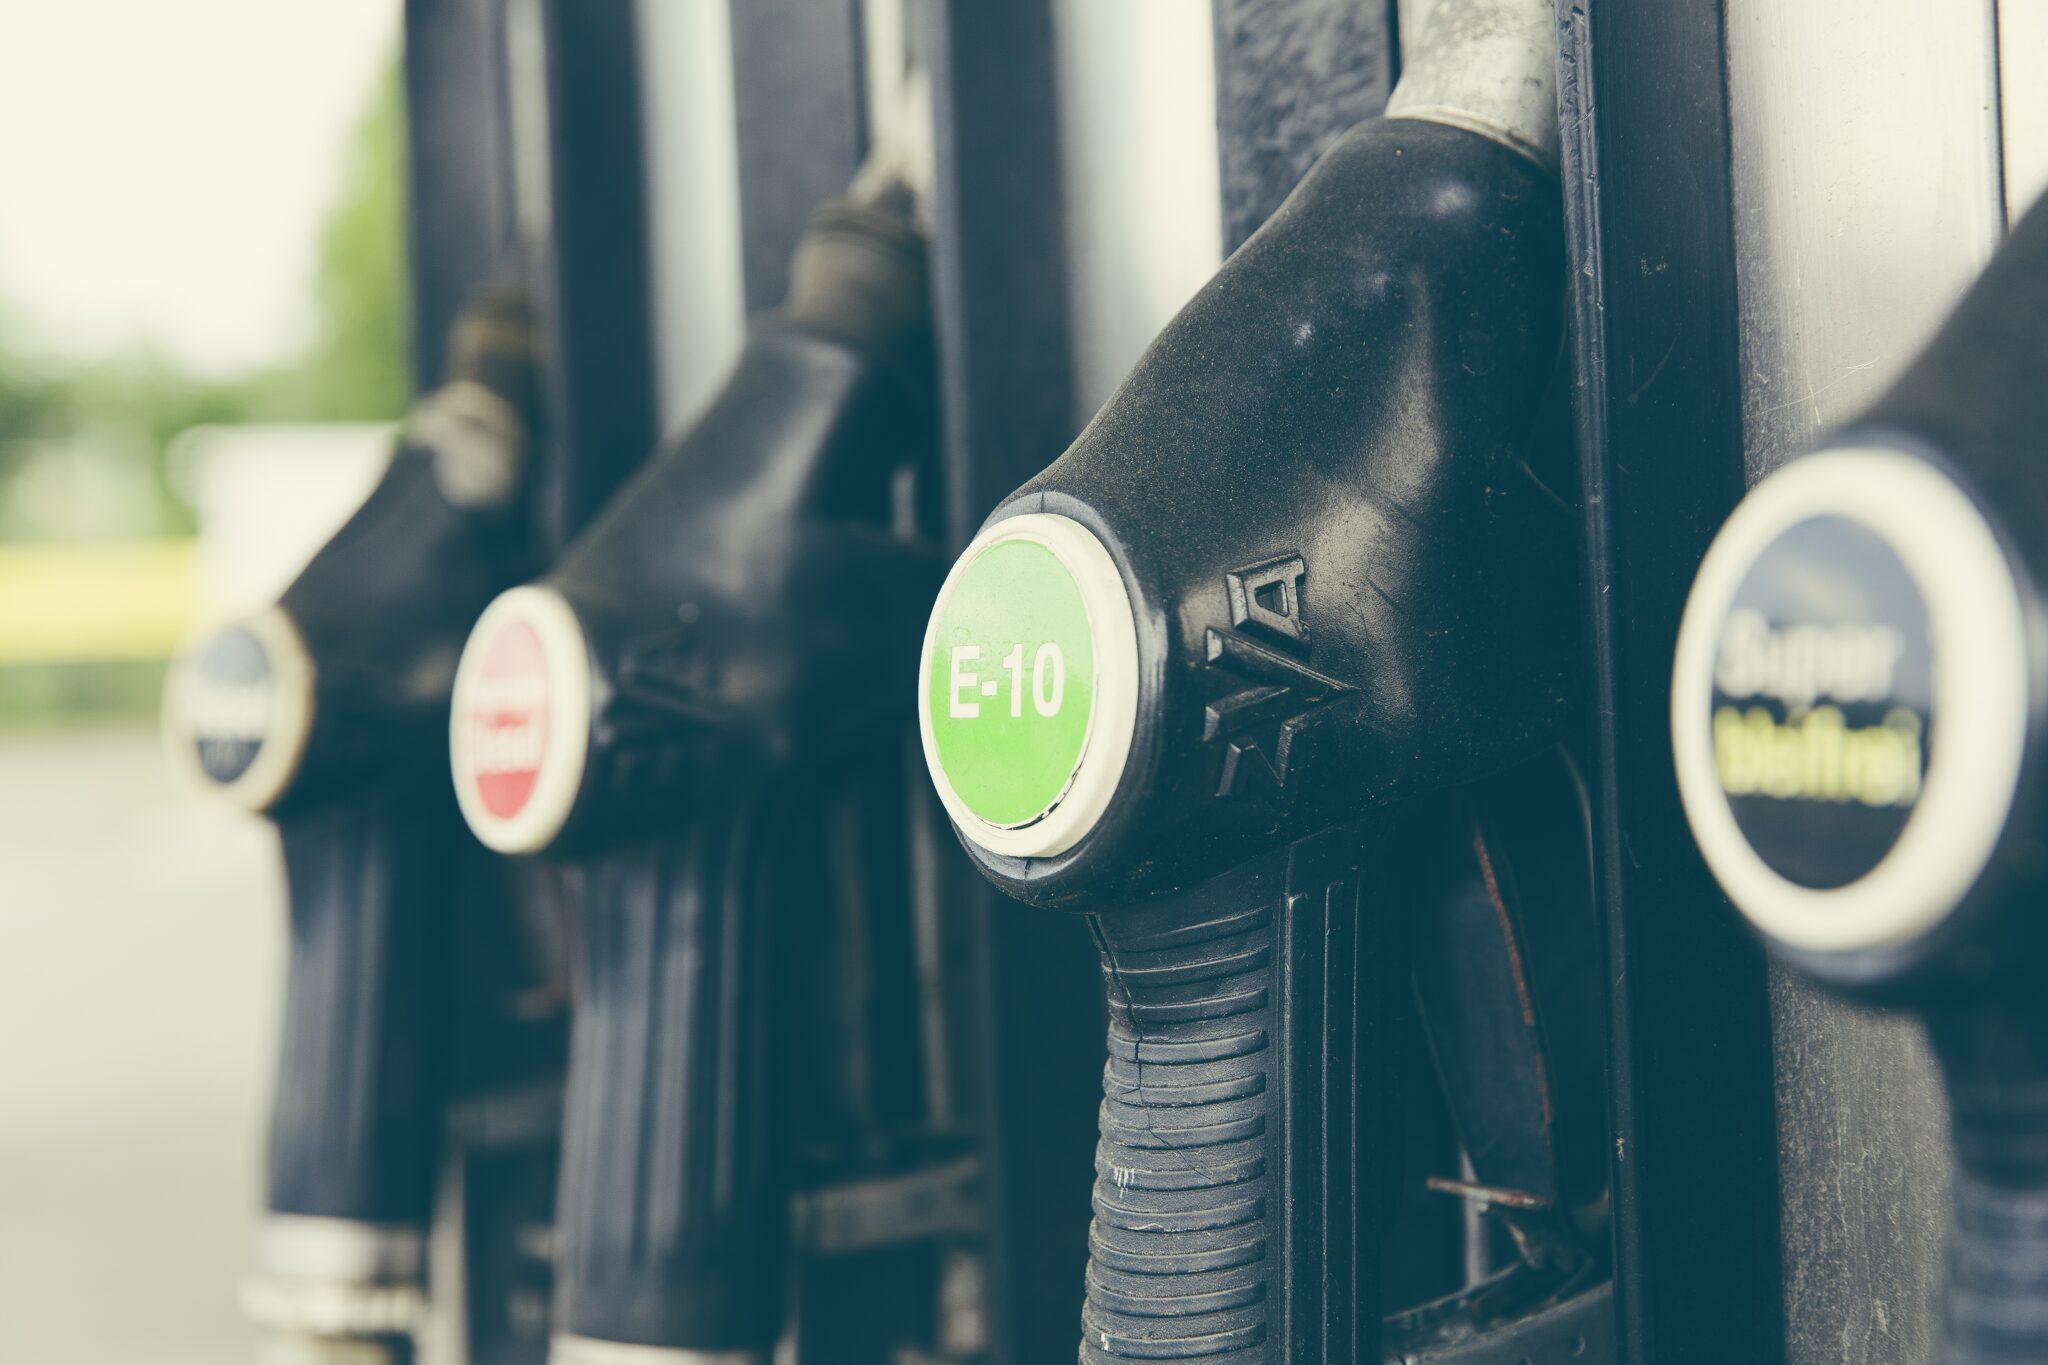 Bioetanolo, biomassa, biocarburanti, Formula 1, auto, tecnologia, agricoltura, fermentazione, microrganismi, distillazione, disidratazione, industria, chimica, ambiente, antidetonanti, sostenibilità, Energy Close-up Engineering.